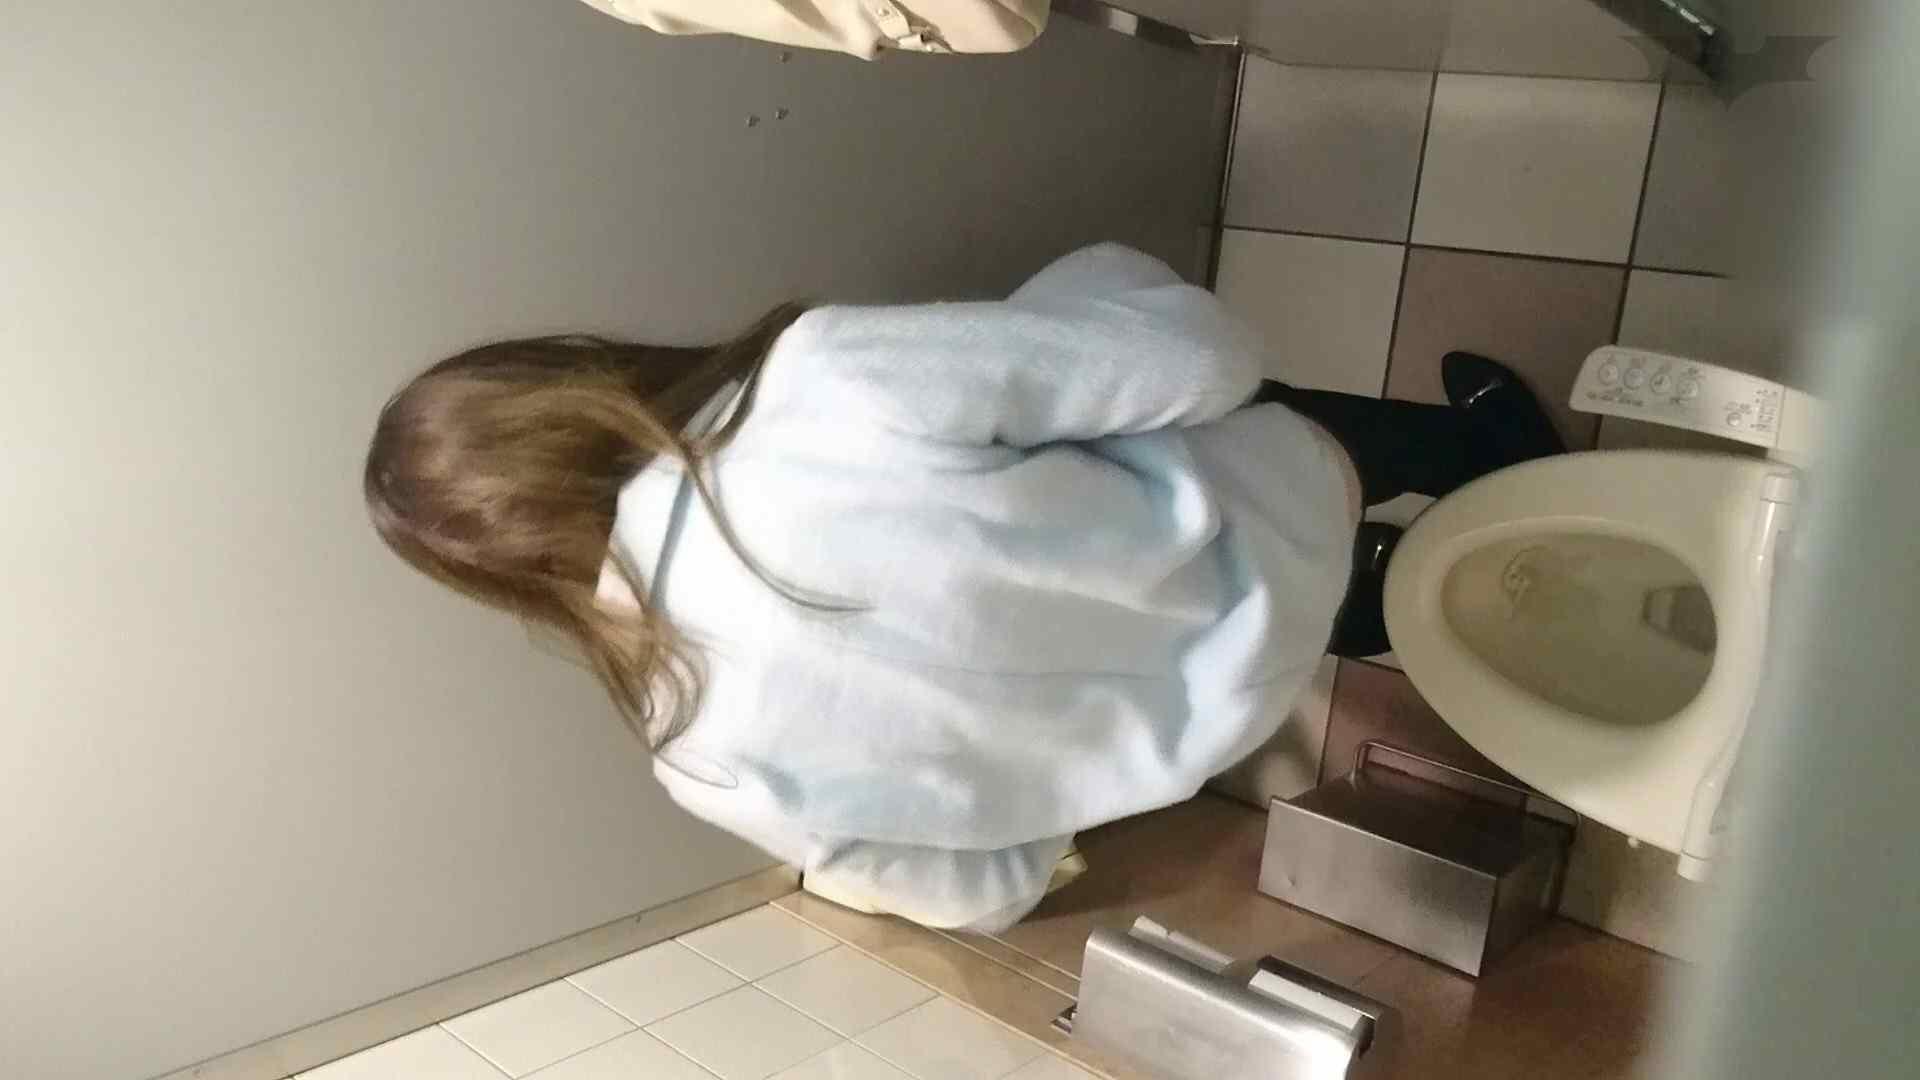 化粧室絵巻 ショッピングモール編 VOL.09 美肌  97PIX 71